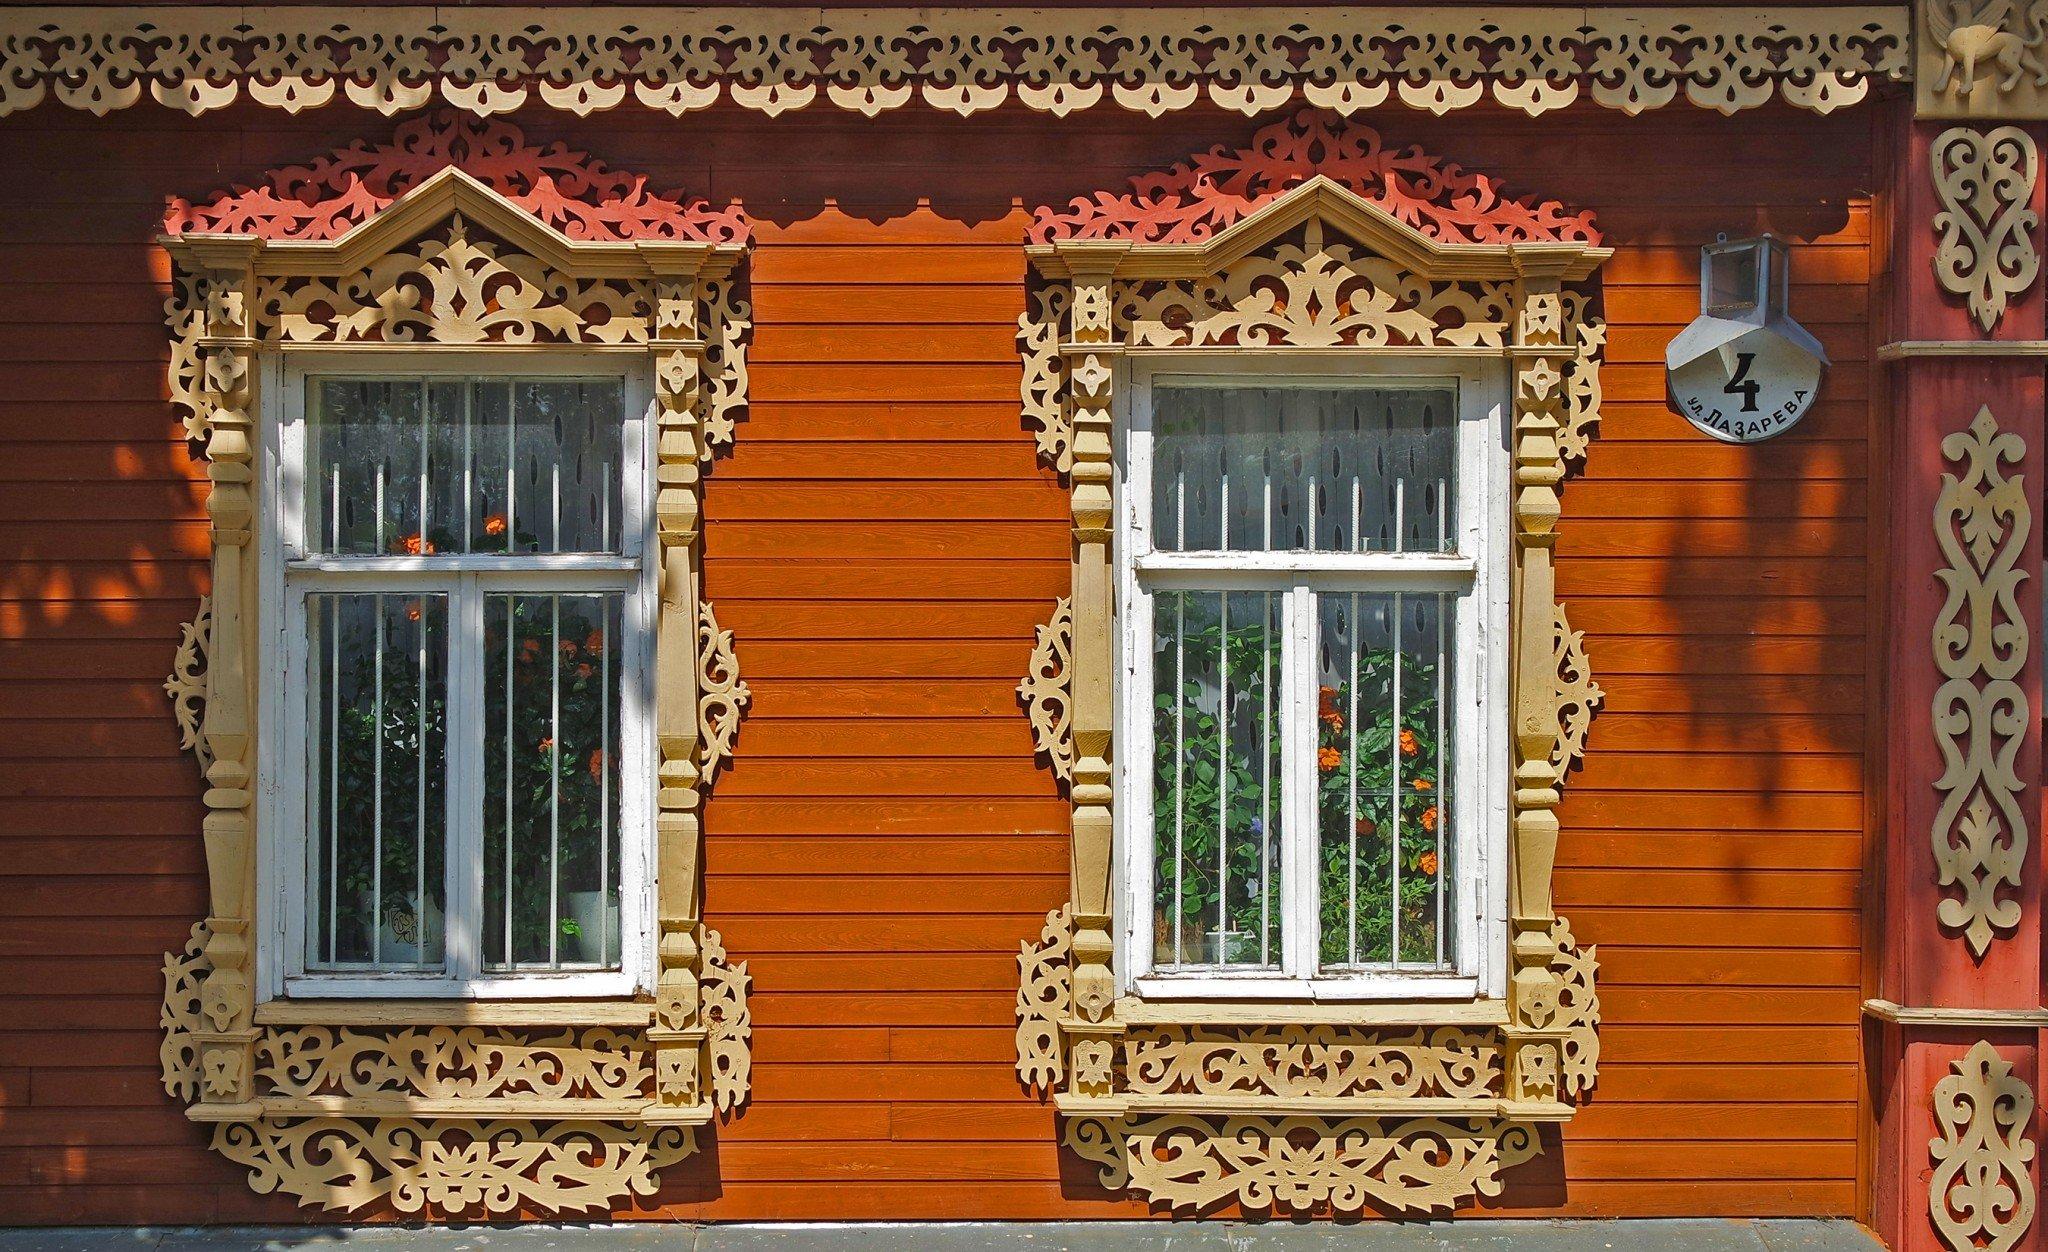 Картинки наличники на окна, поздравлениями днем моряка